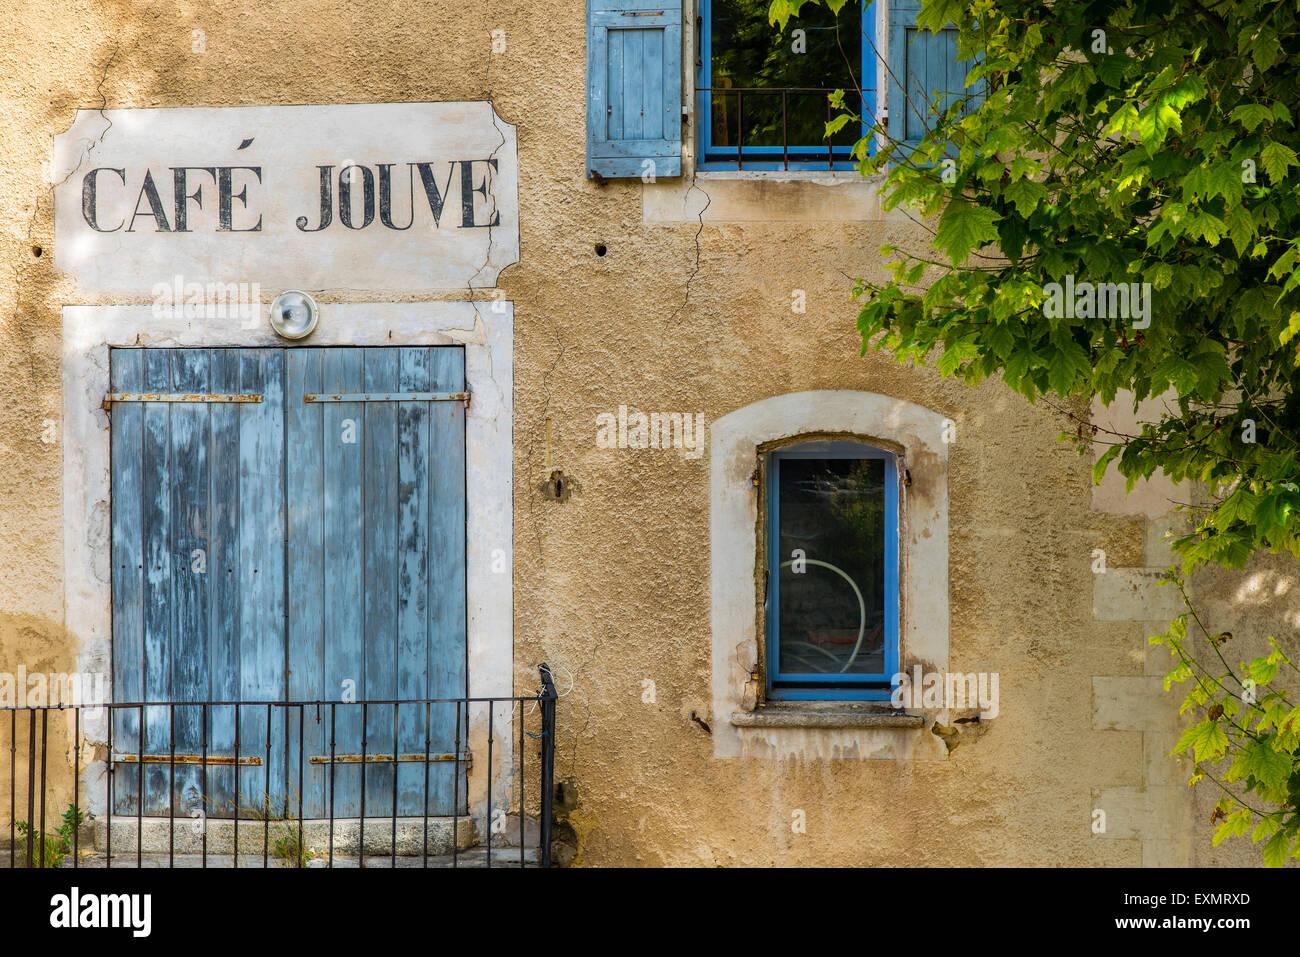 Fachada de una casa antigua con tienda pintada en signo de Aurel, Provence, Francia Imagen De Stock